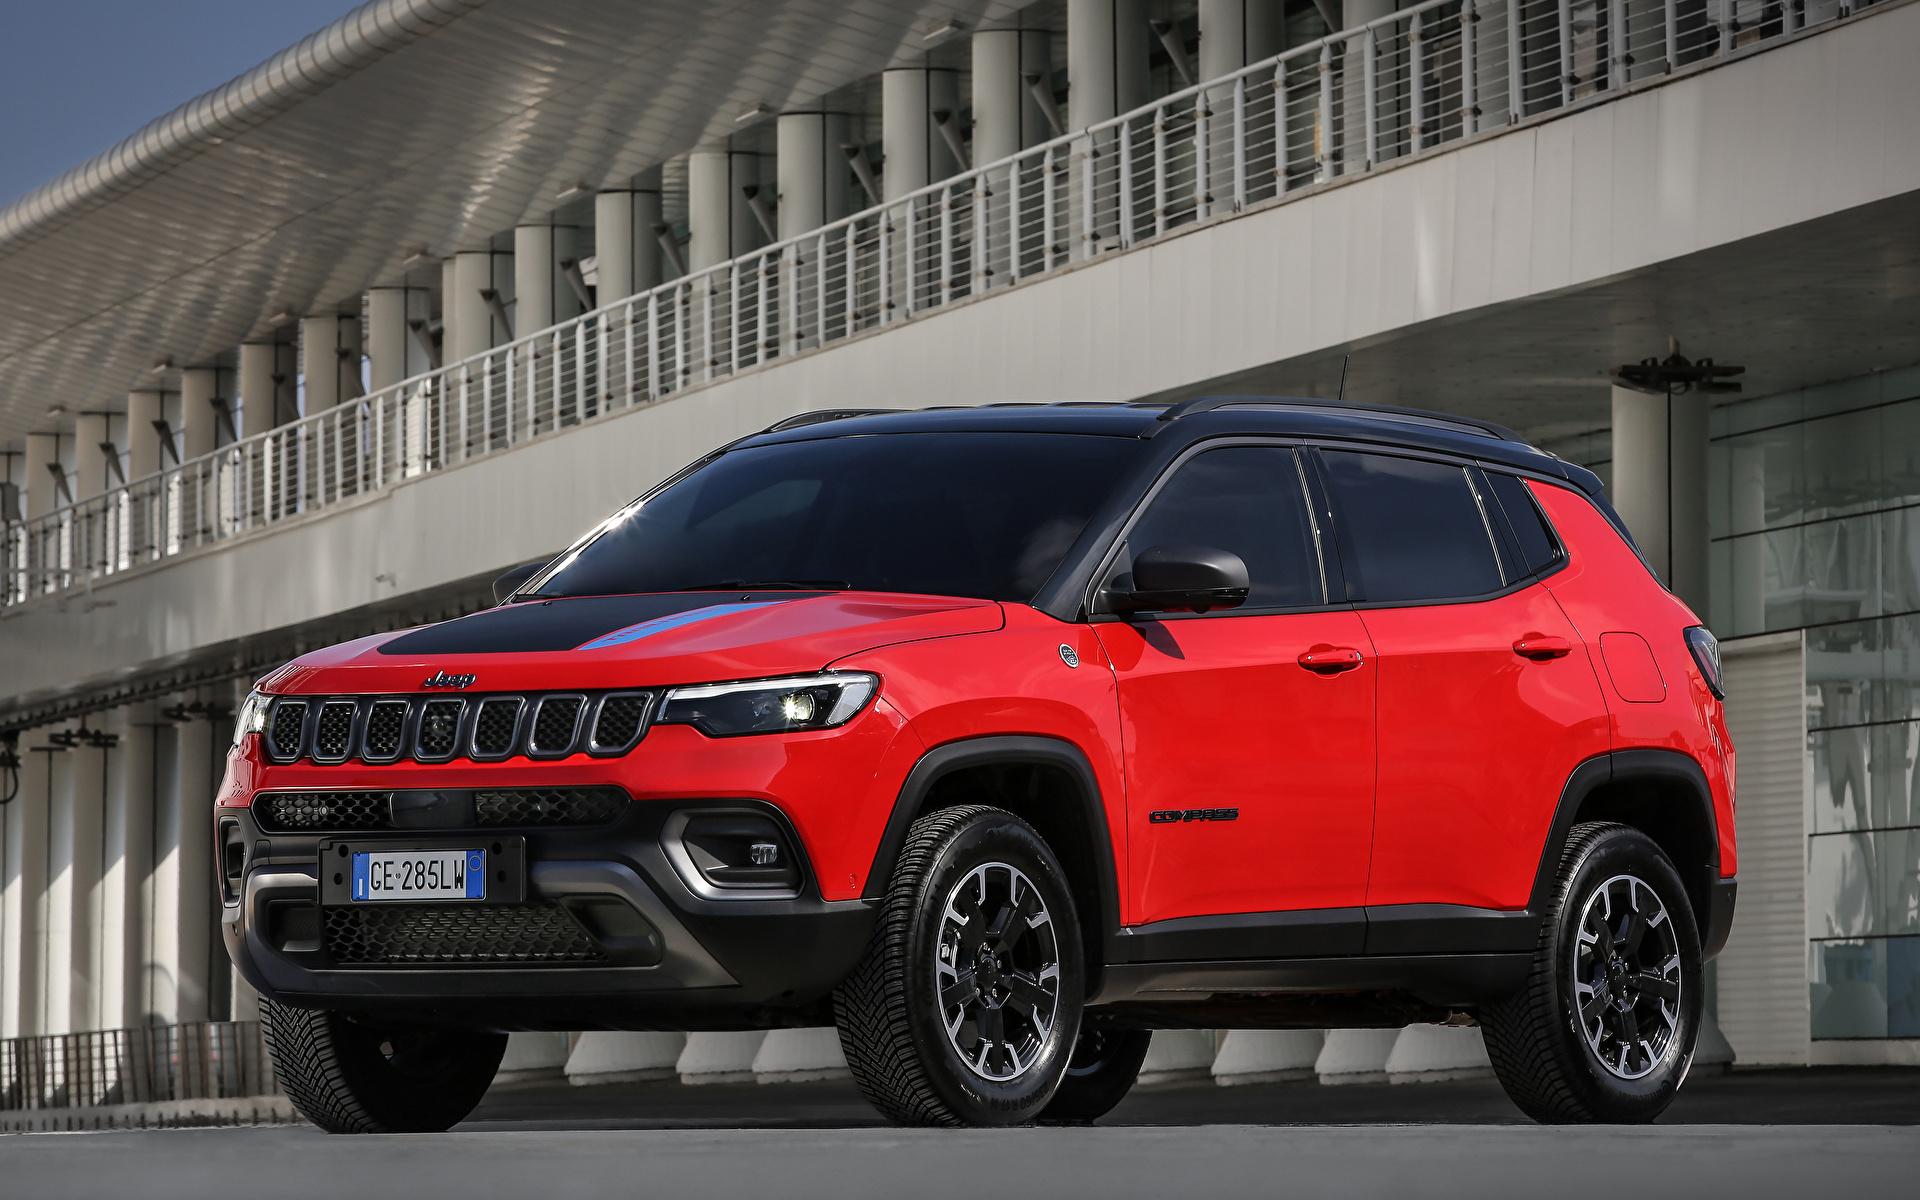 Фотографии Джип Compass Trailhawk 4xe, EU-spec, (MP), 2021 красные машина Металлик 1920x1200 Jeep красная Красный красных авто машины Автомобили автомобиль